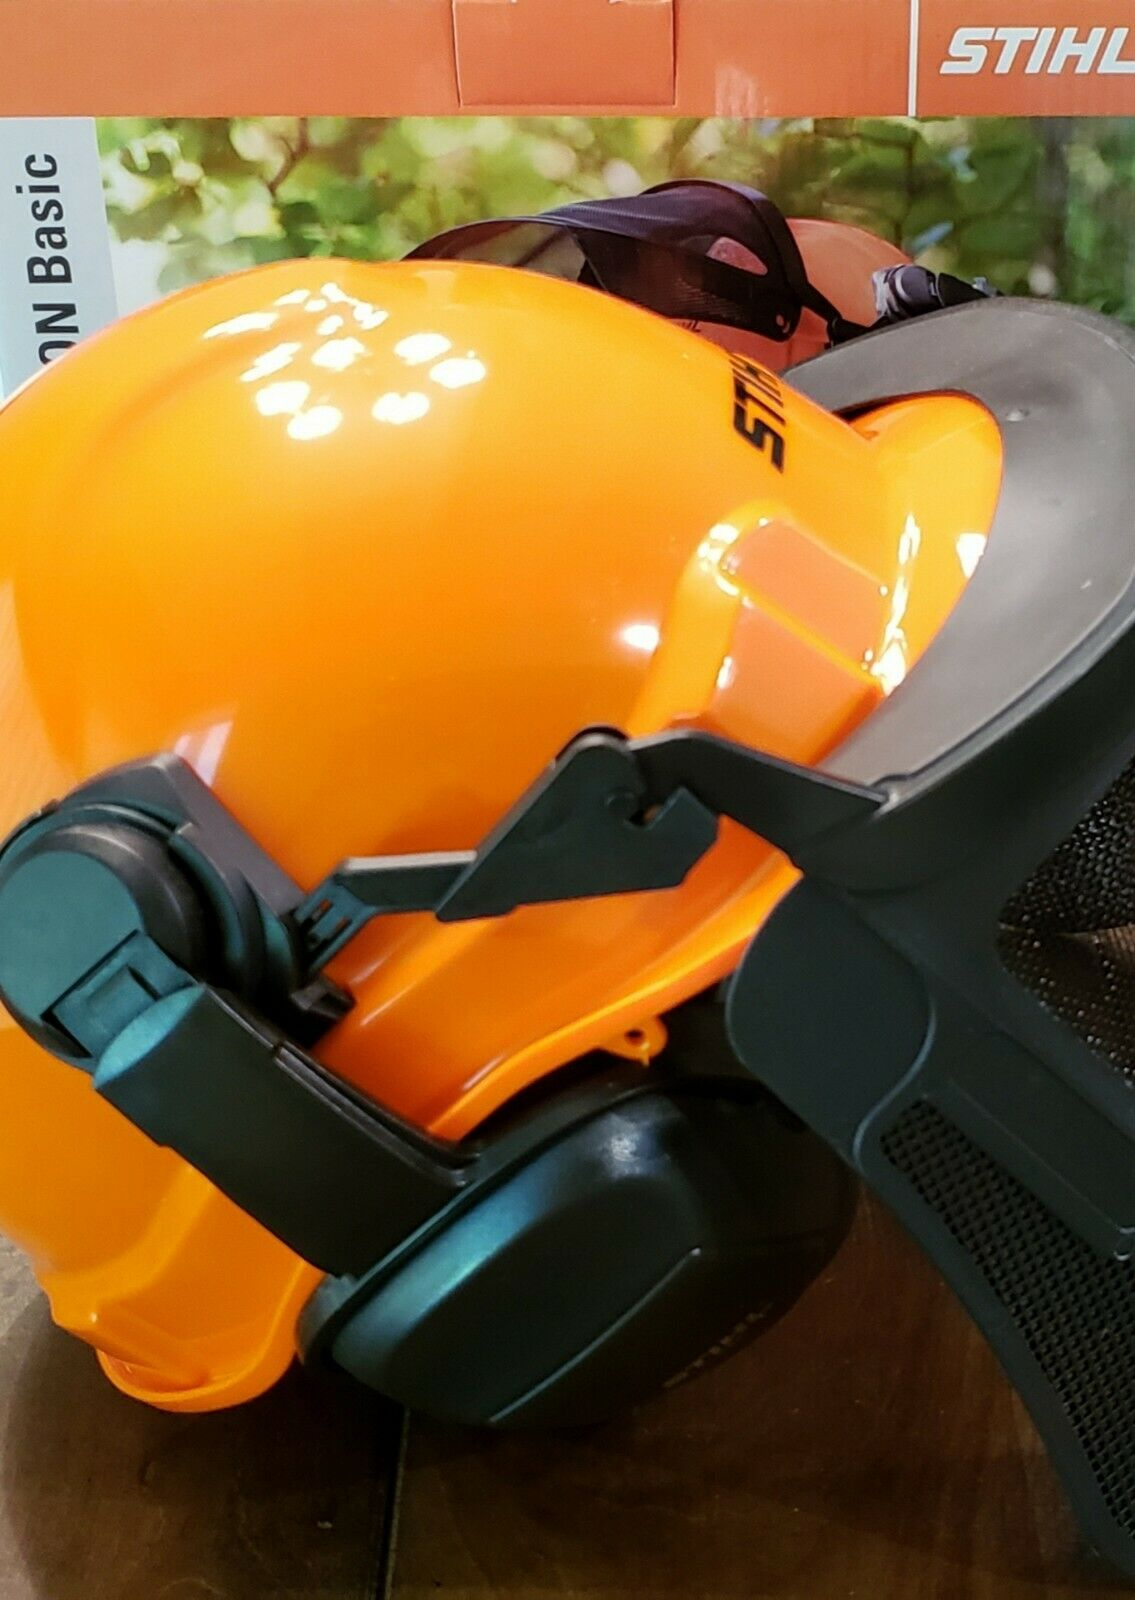 NEW Genuine STIHL Pro Function Basic Helmet System NIB 7010-888-0800 OEM